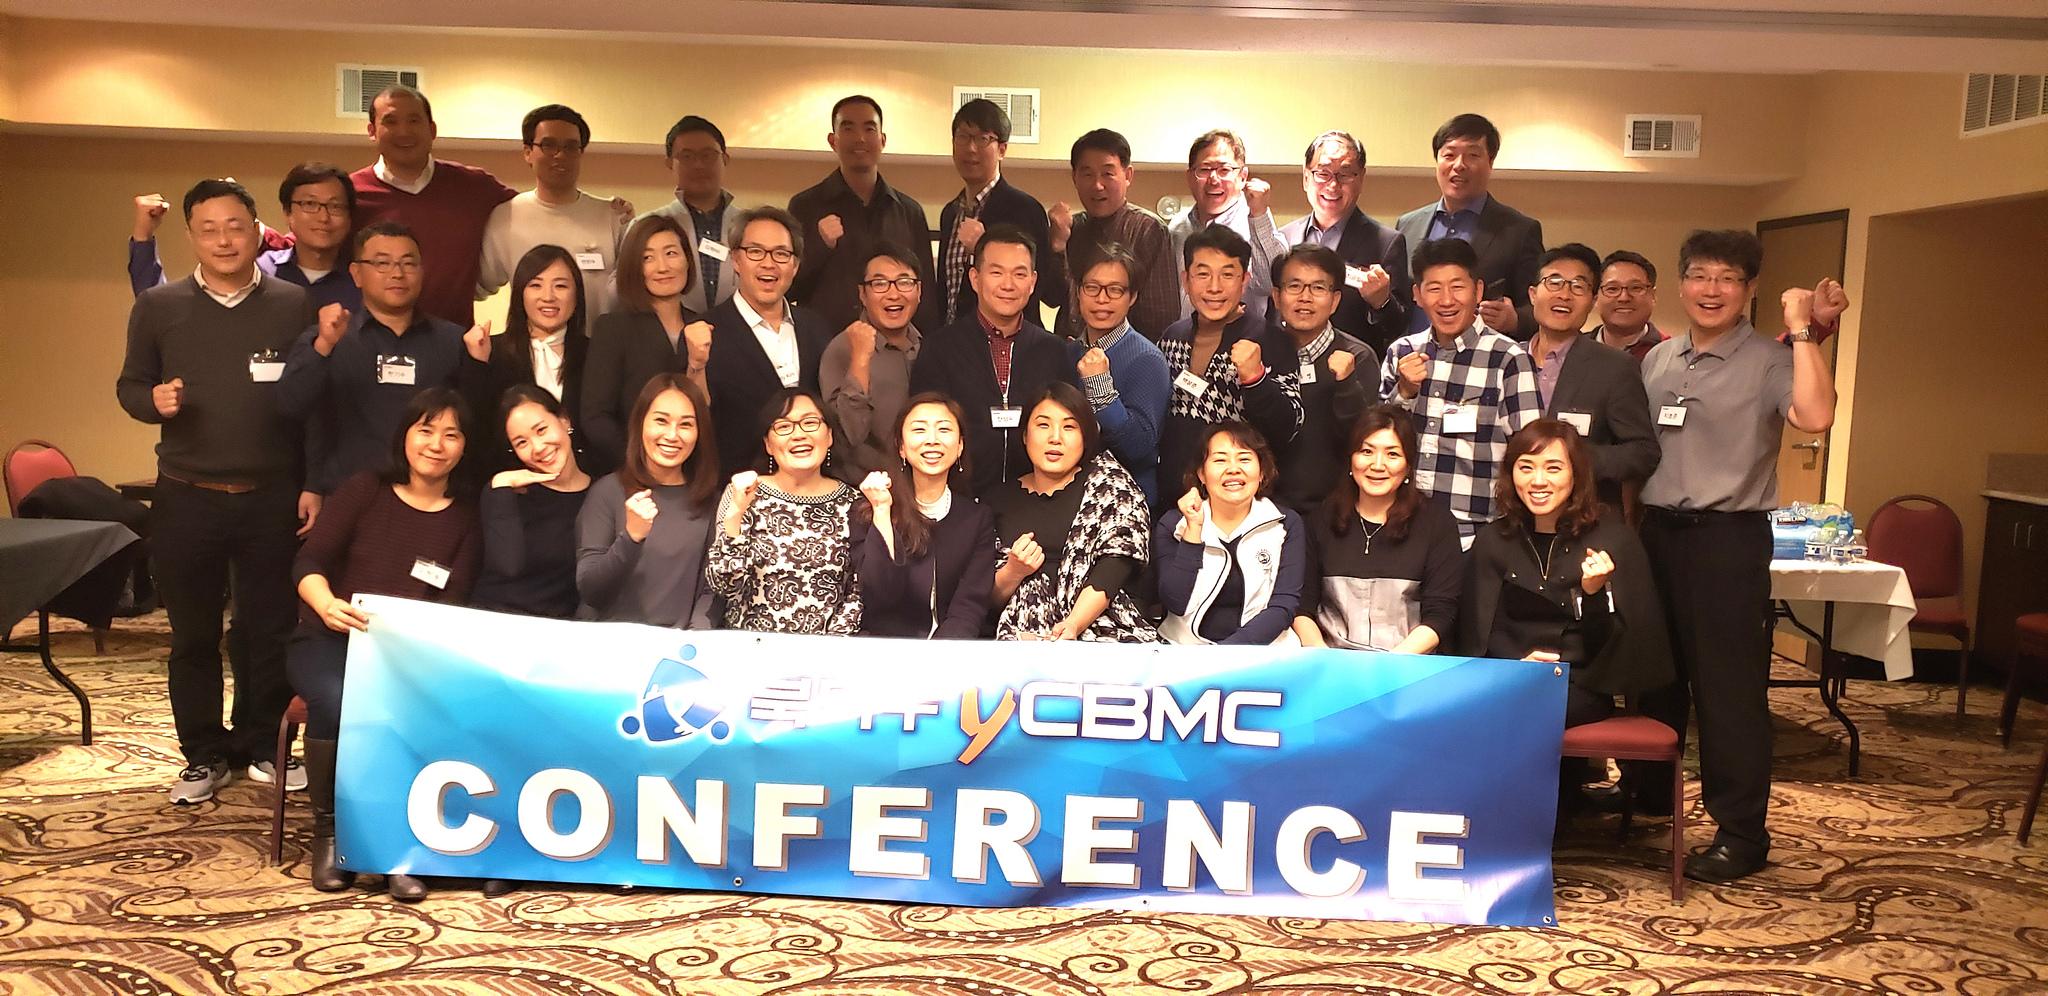 제 2차 YCBMC 달라스 컨퍼런스